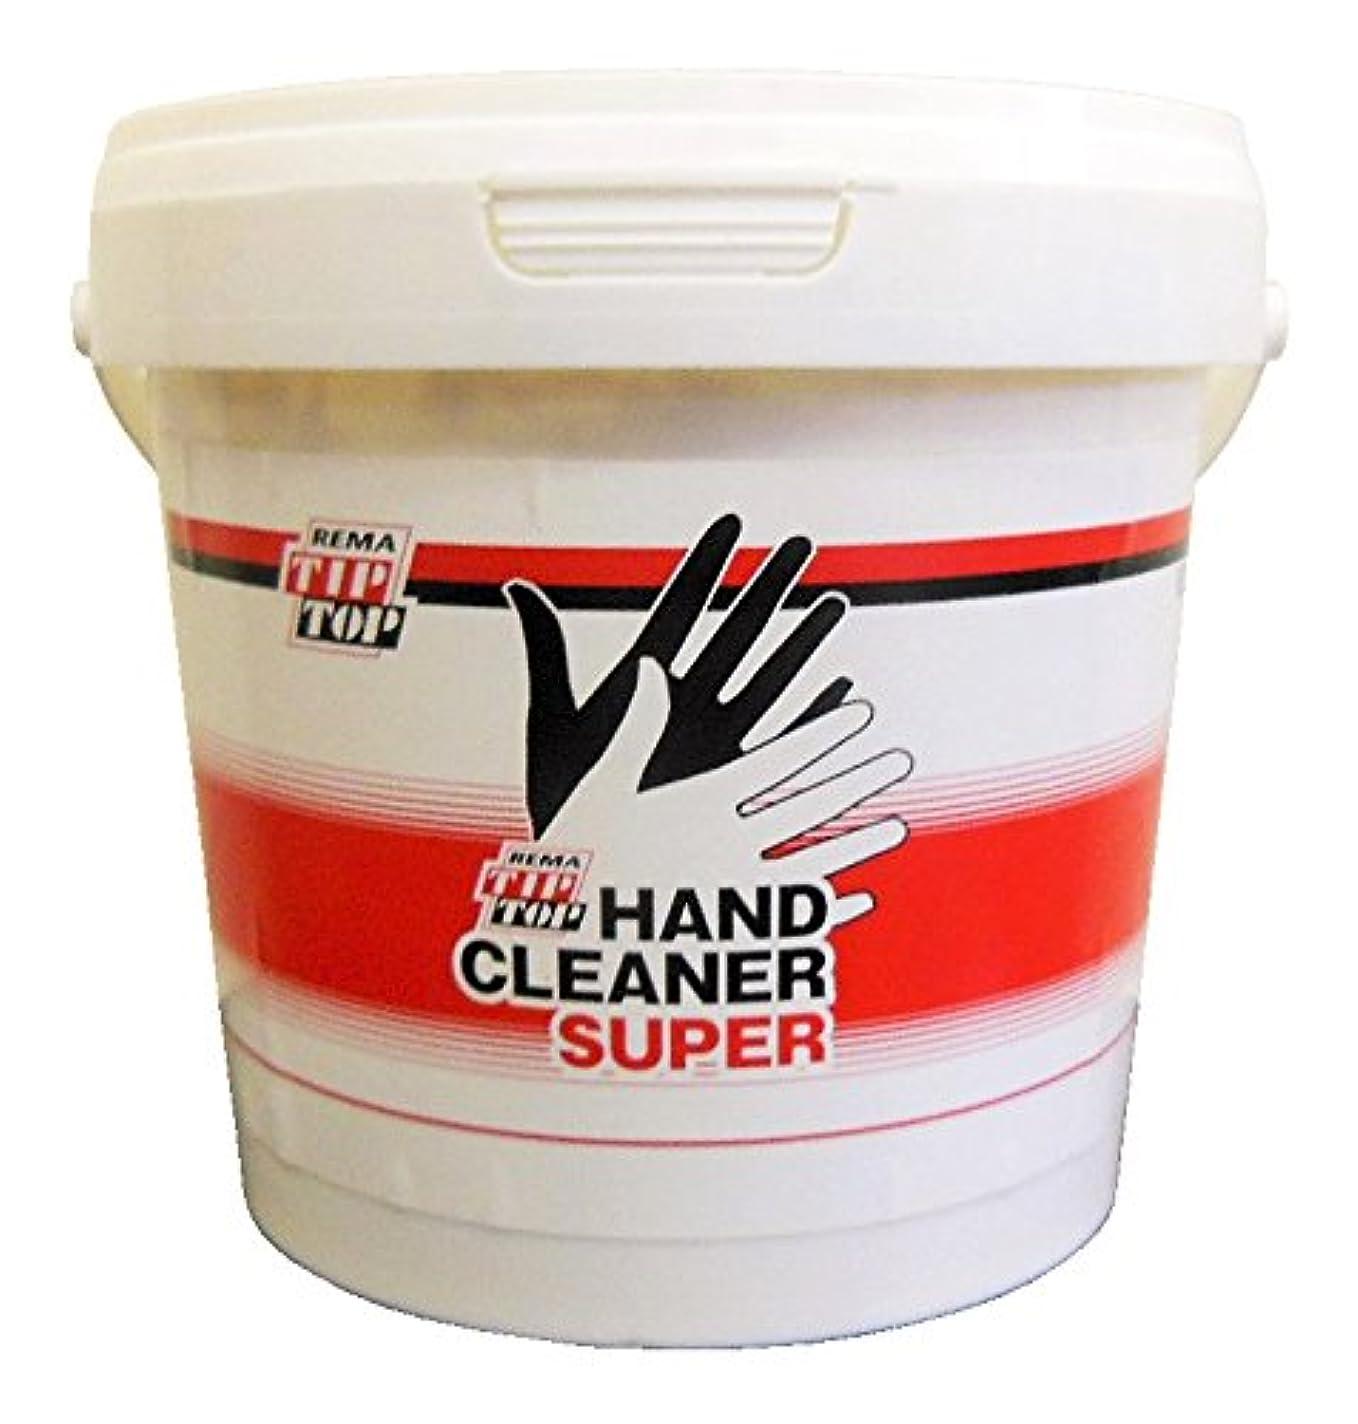 時折ええ貢献TIPTOP(チップトップ) ハンドクリーナー HAND CLEANER SUPER 1L H-051